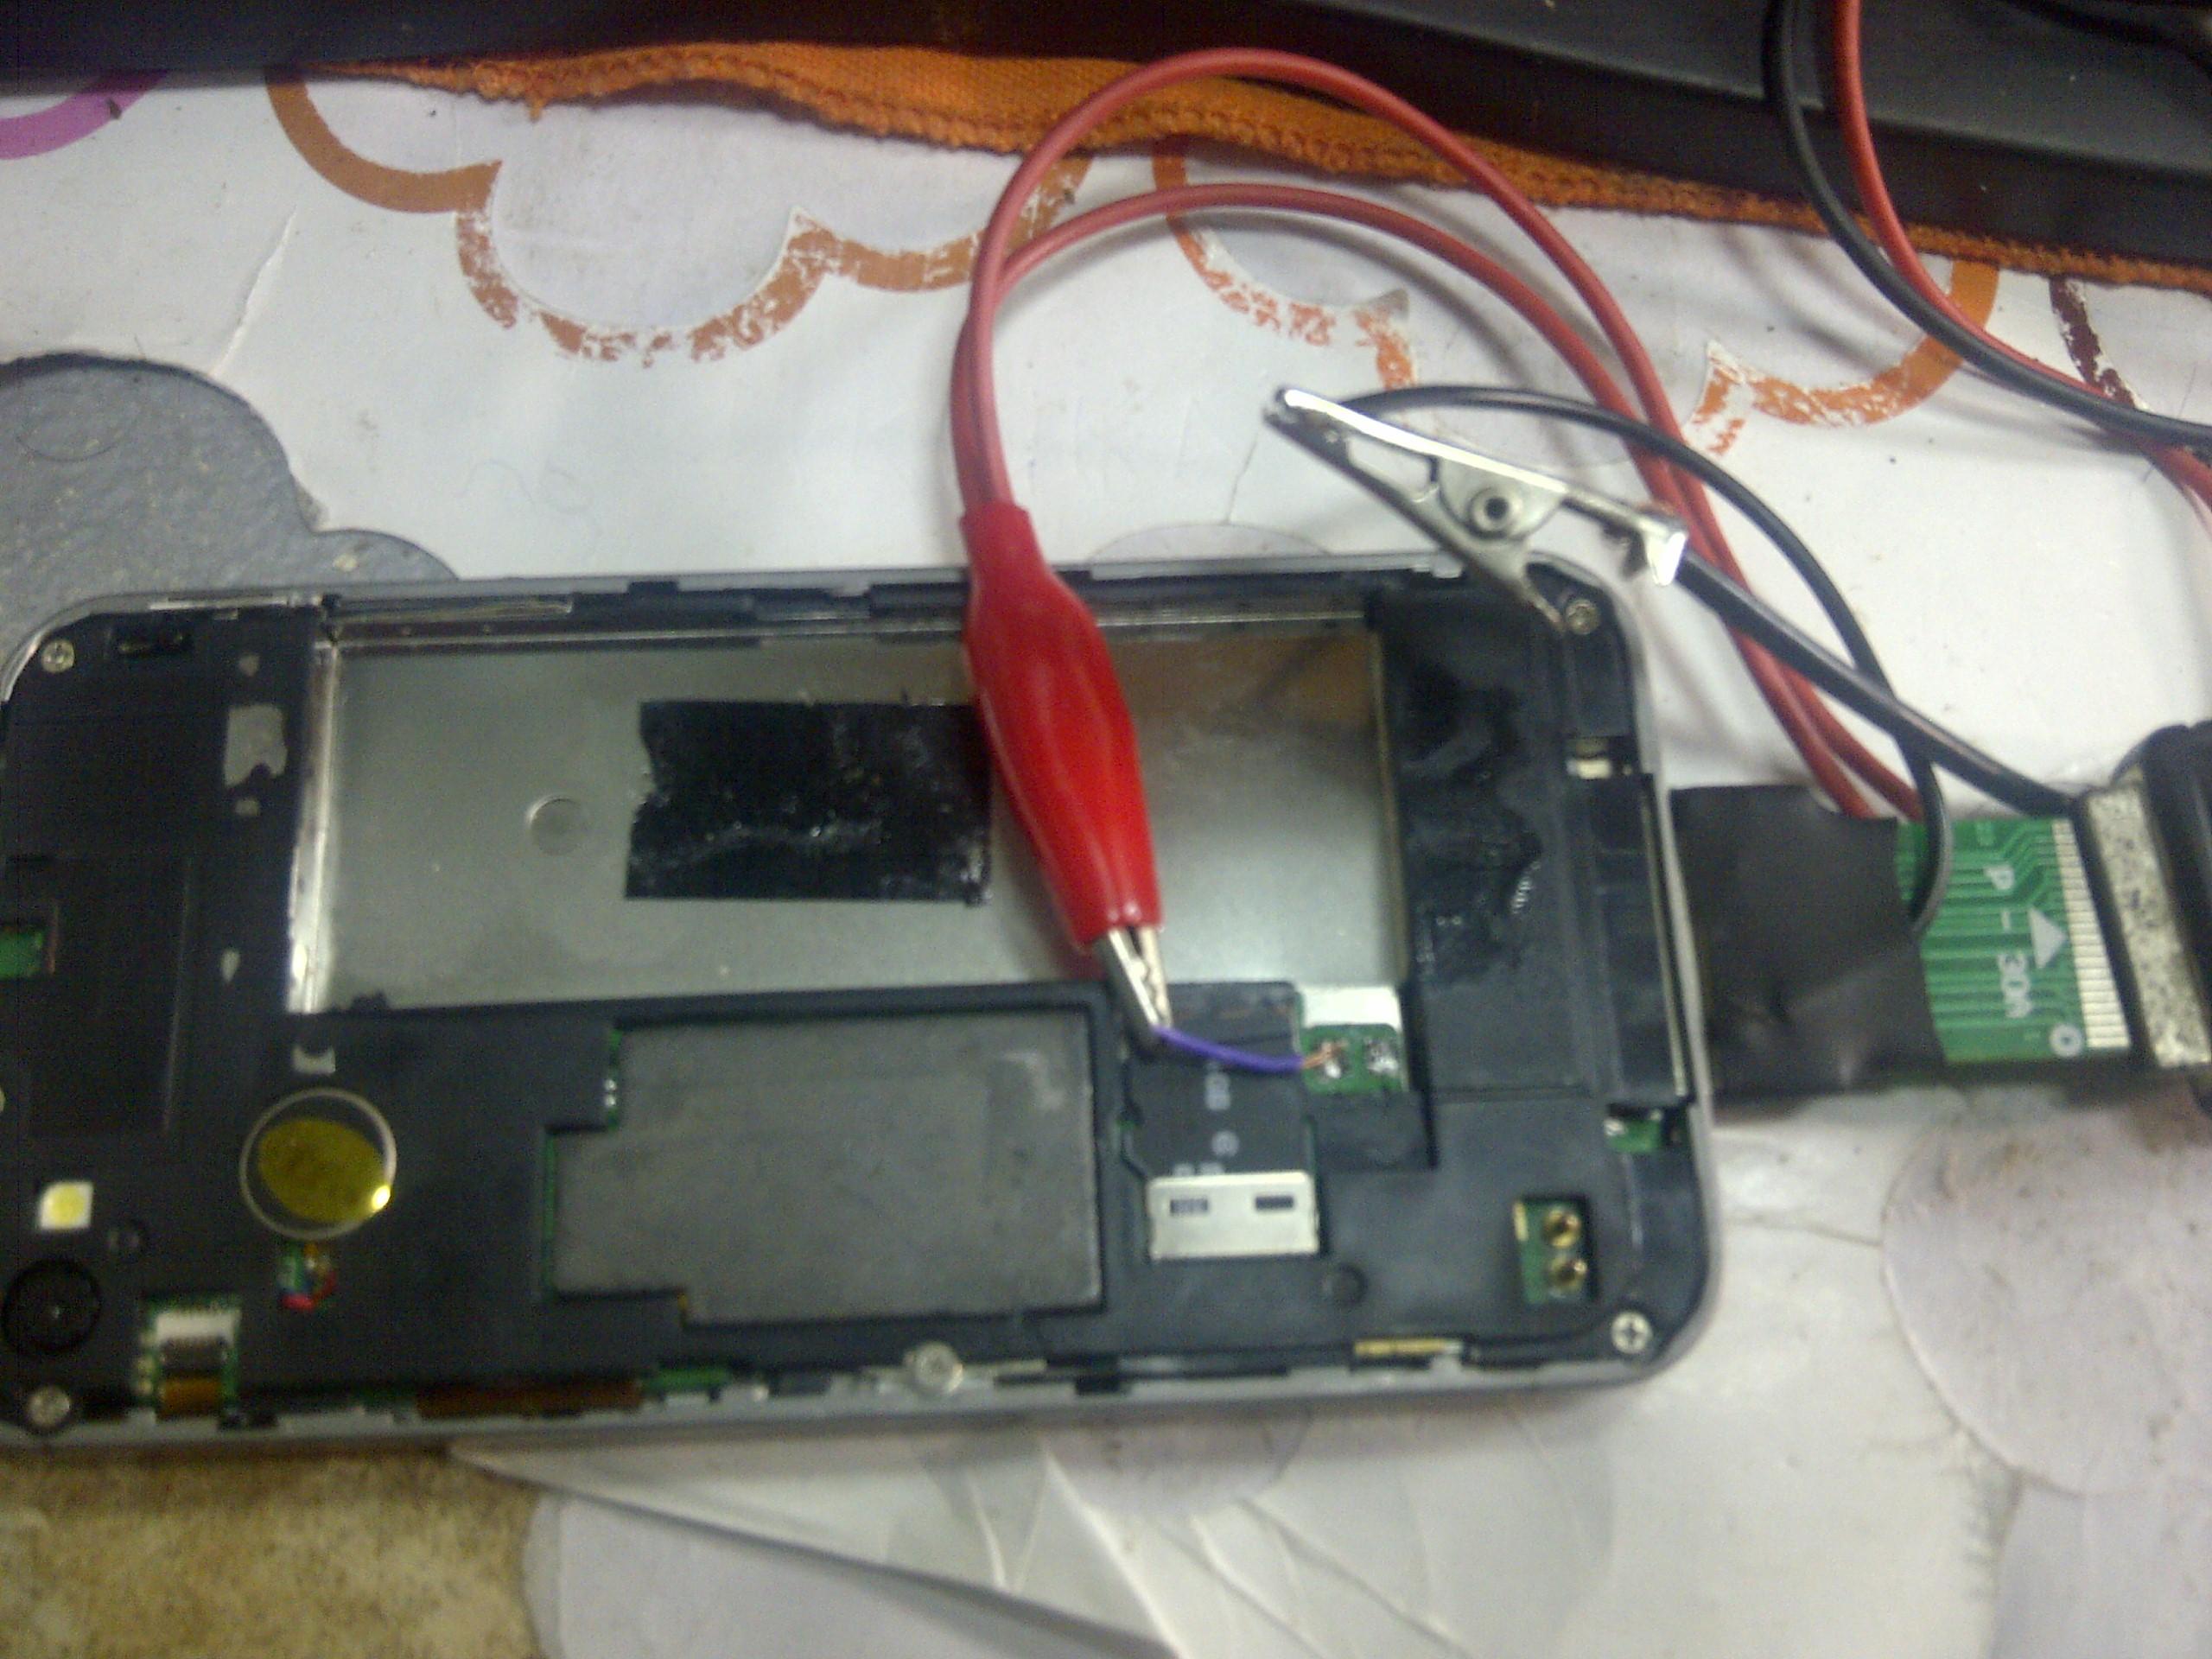 توضيح بخصوص الايفون 4G الاسبريد و كيفه عمل بوت و فورمات للجهاز